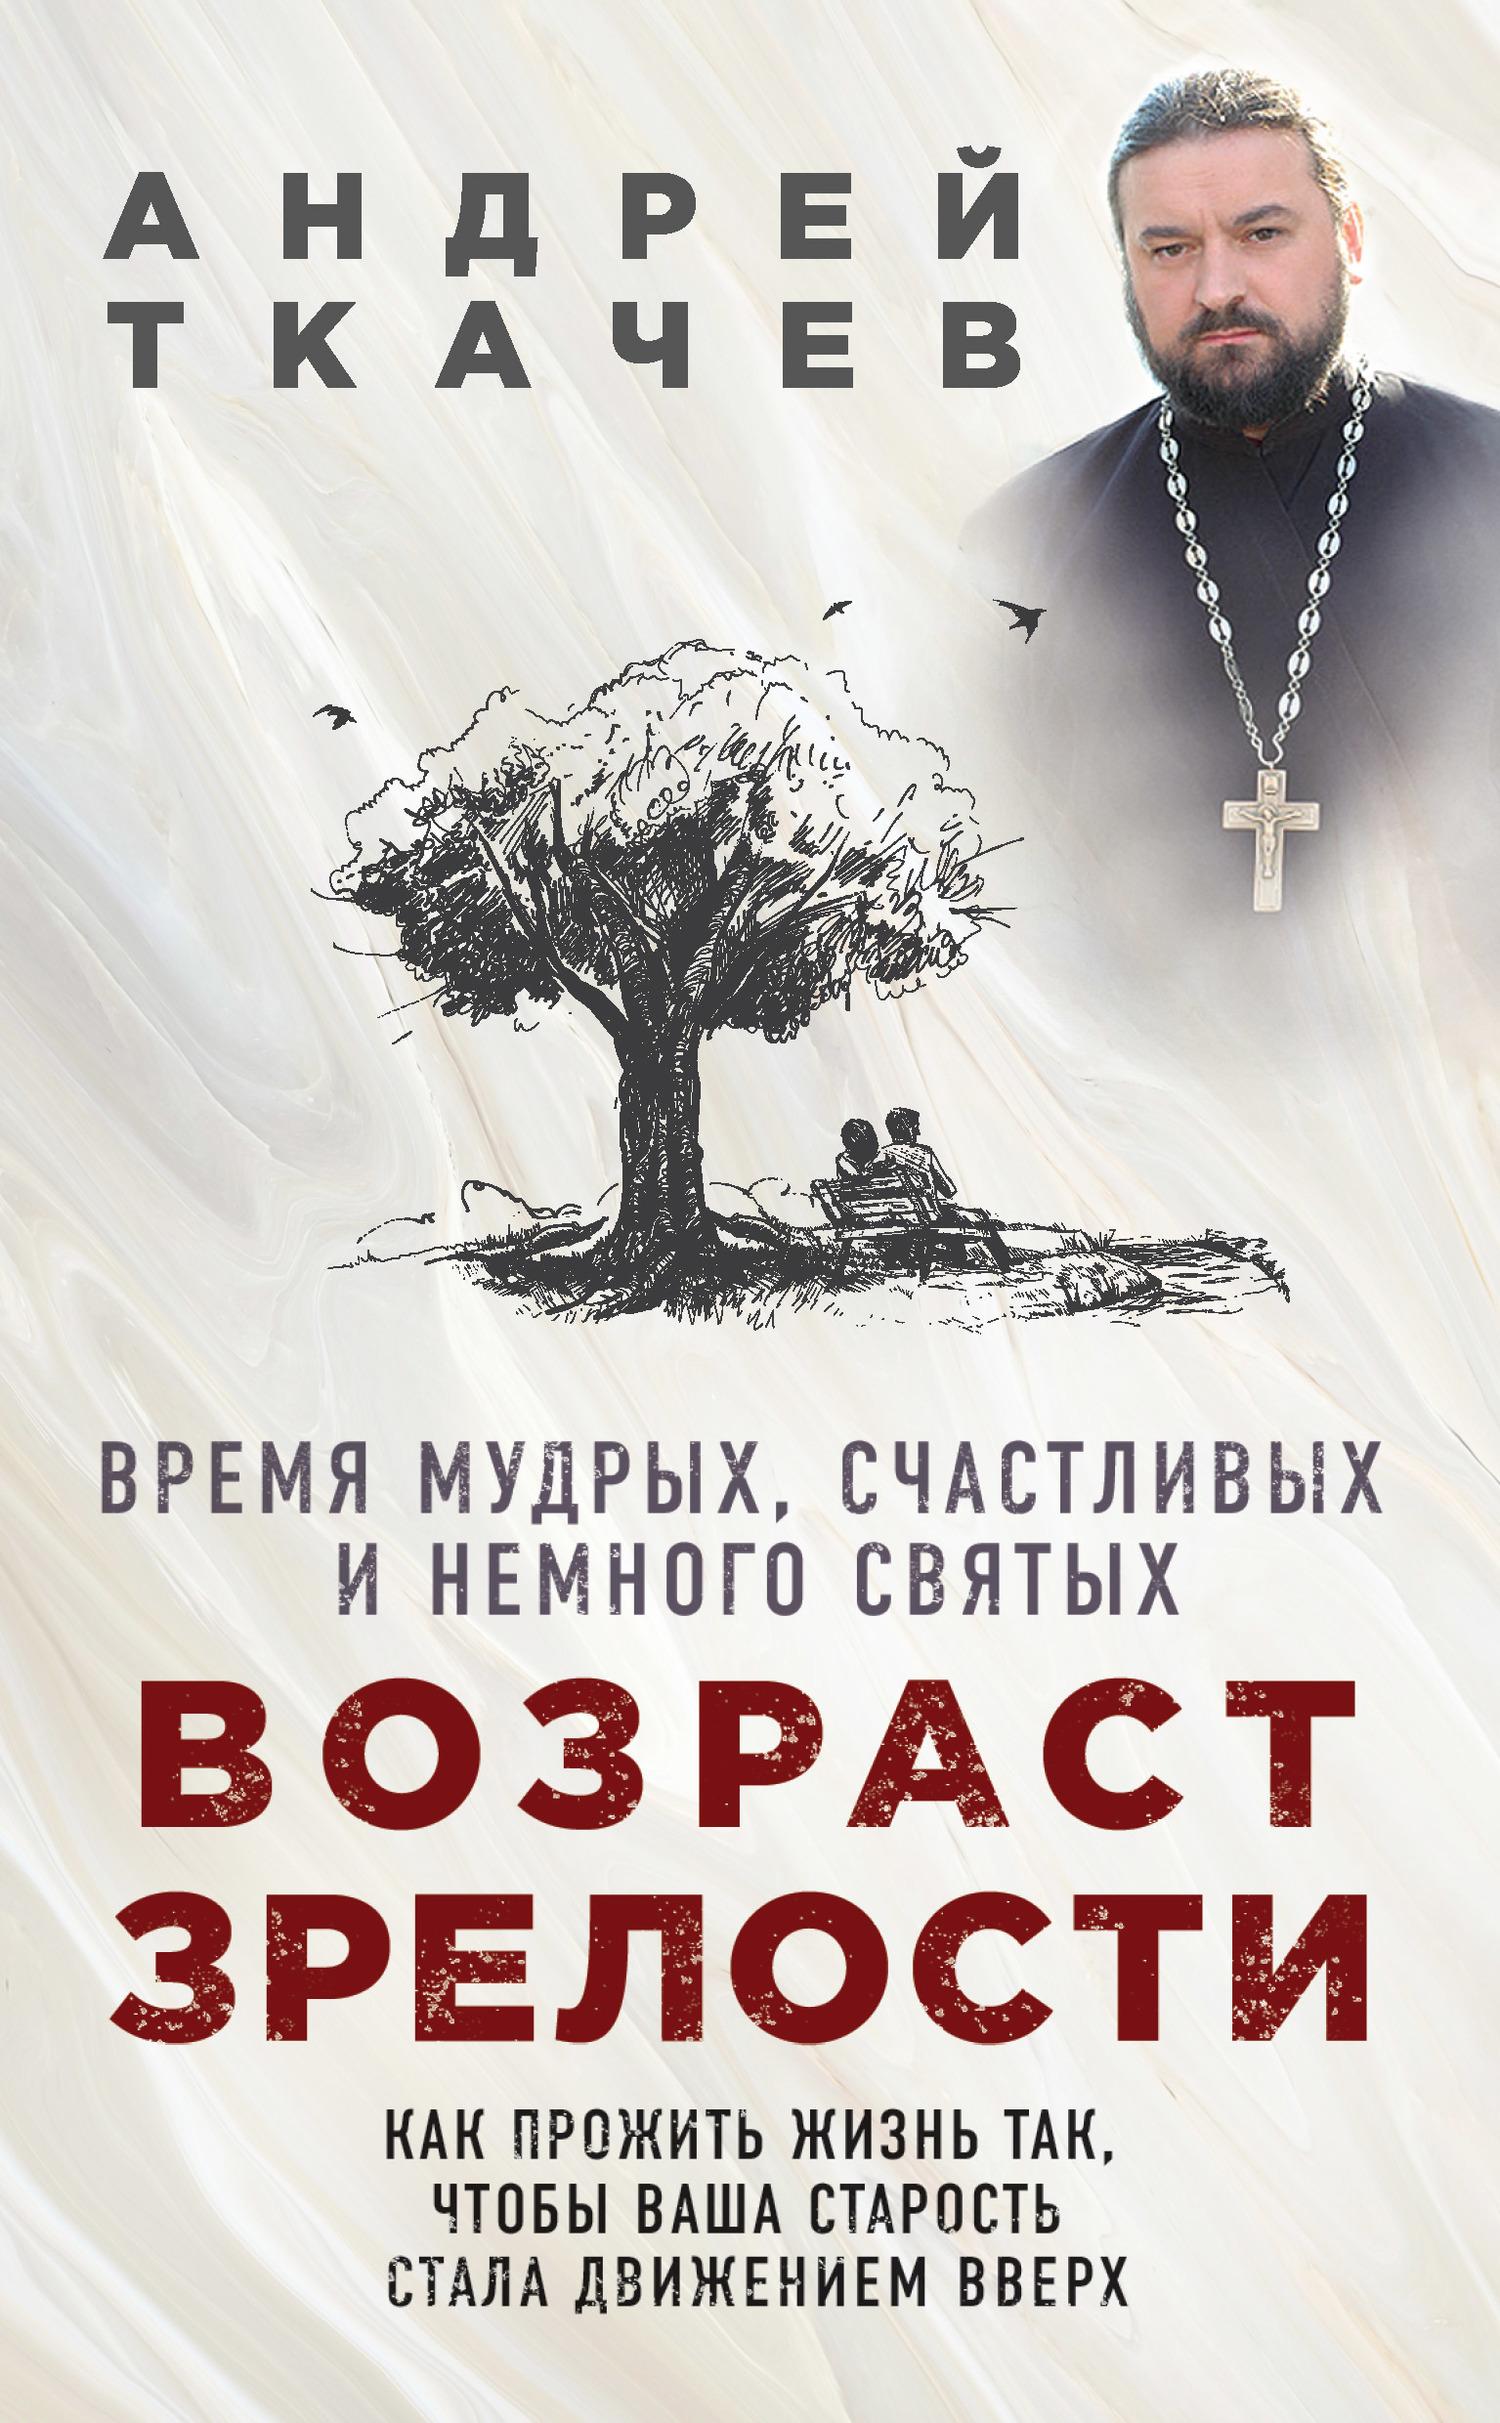 протоиерей Андрей Ткачев бесплатно